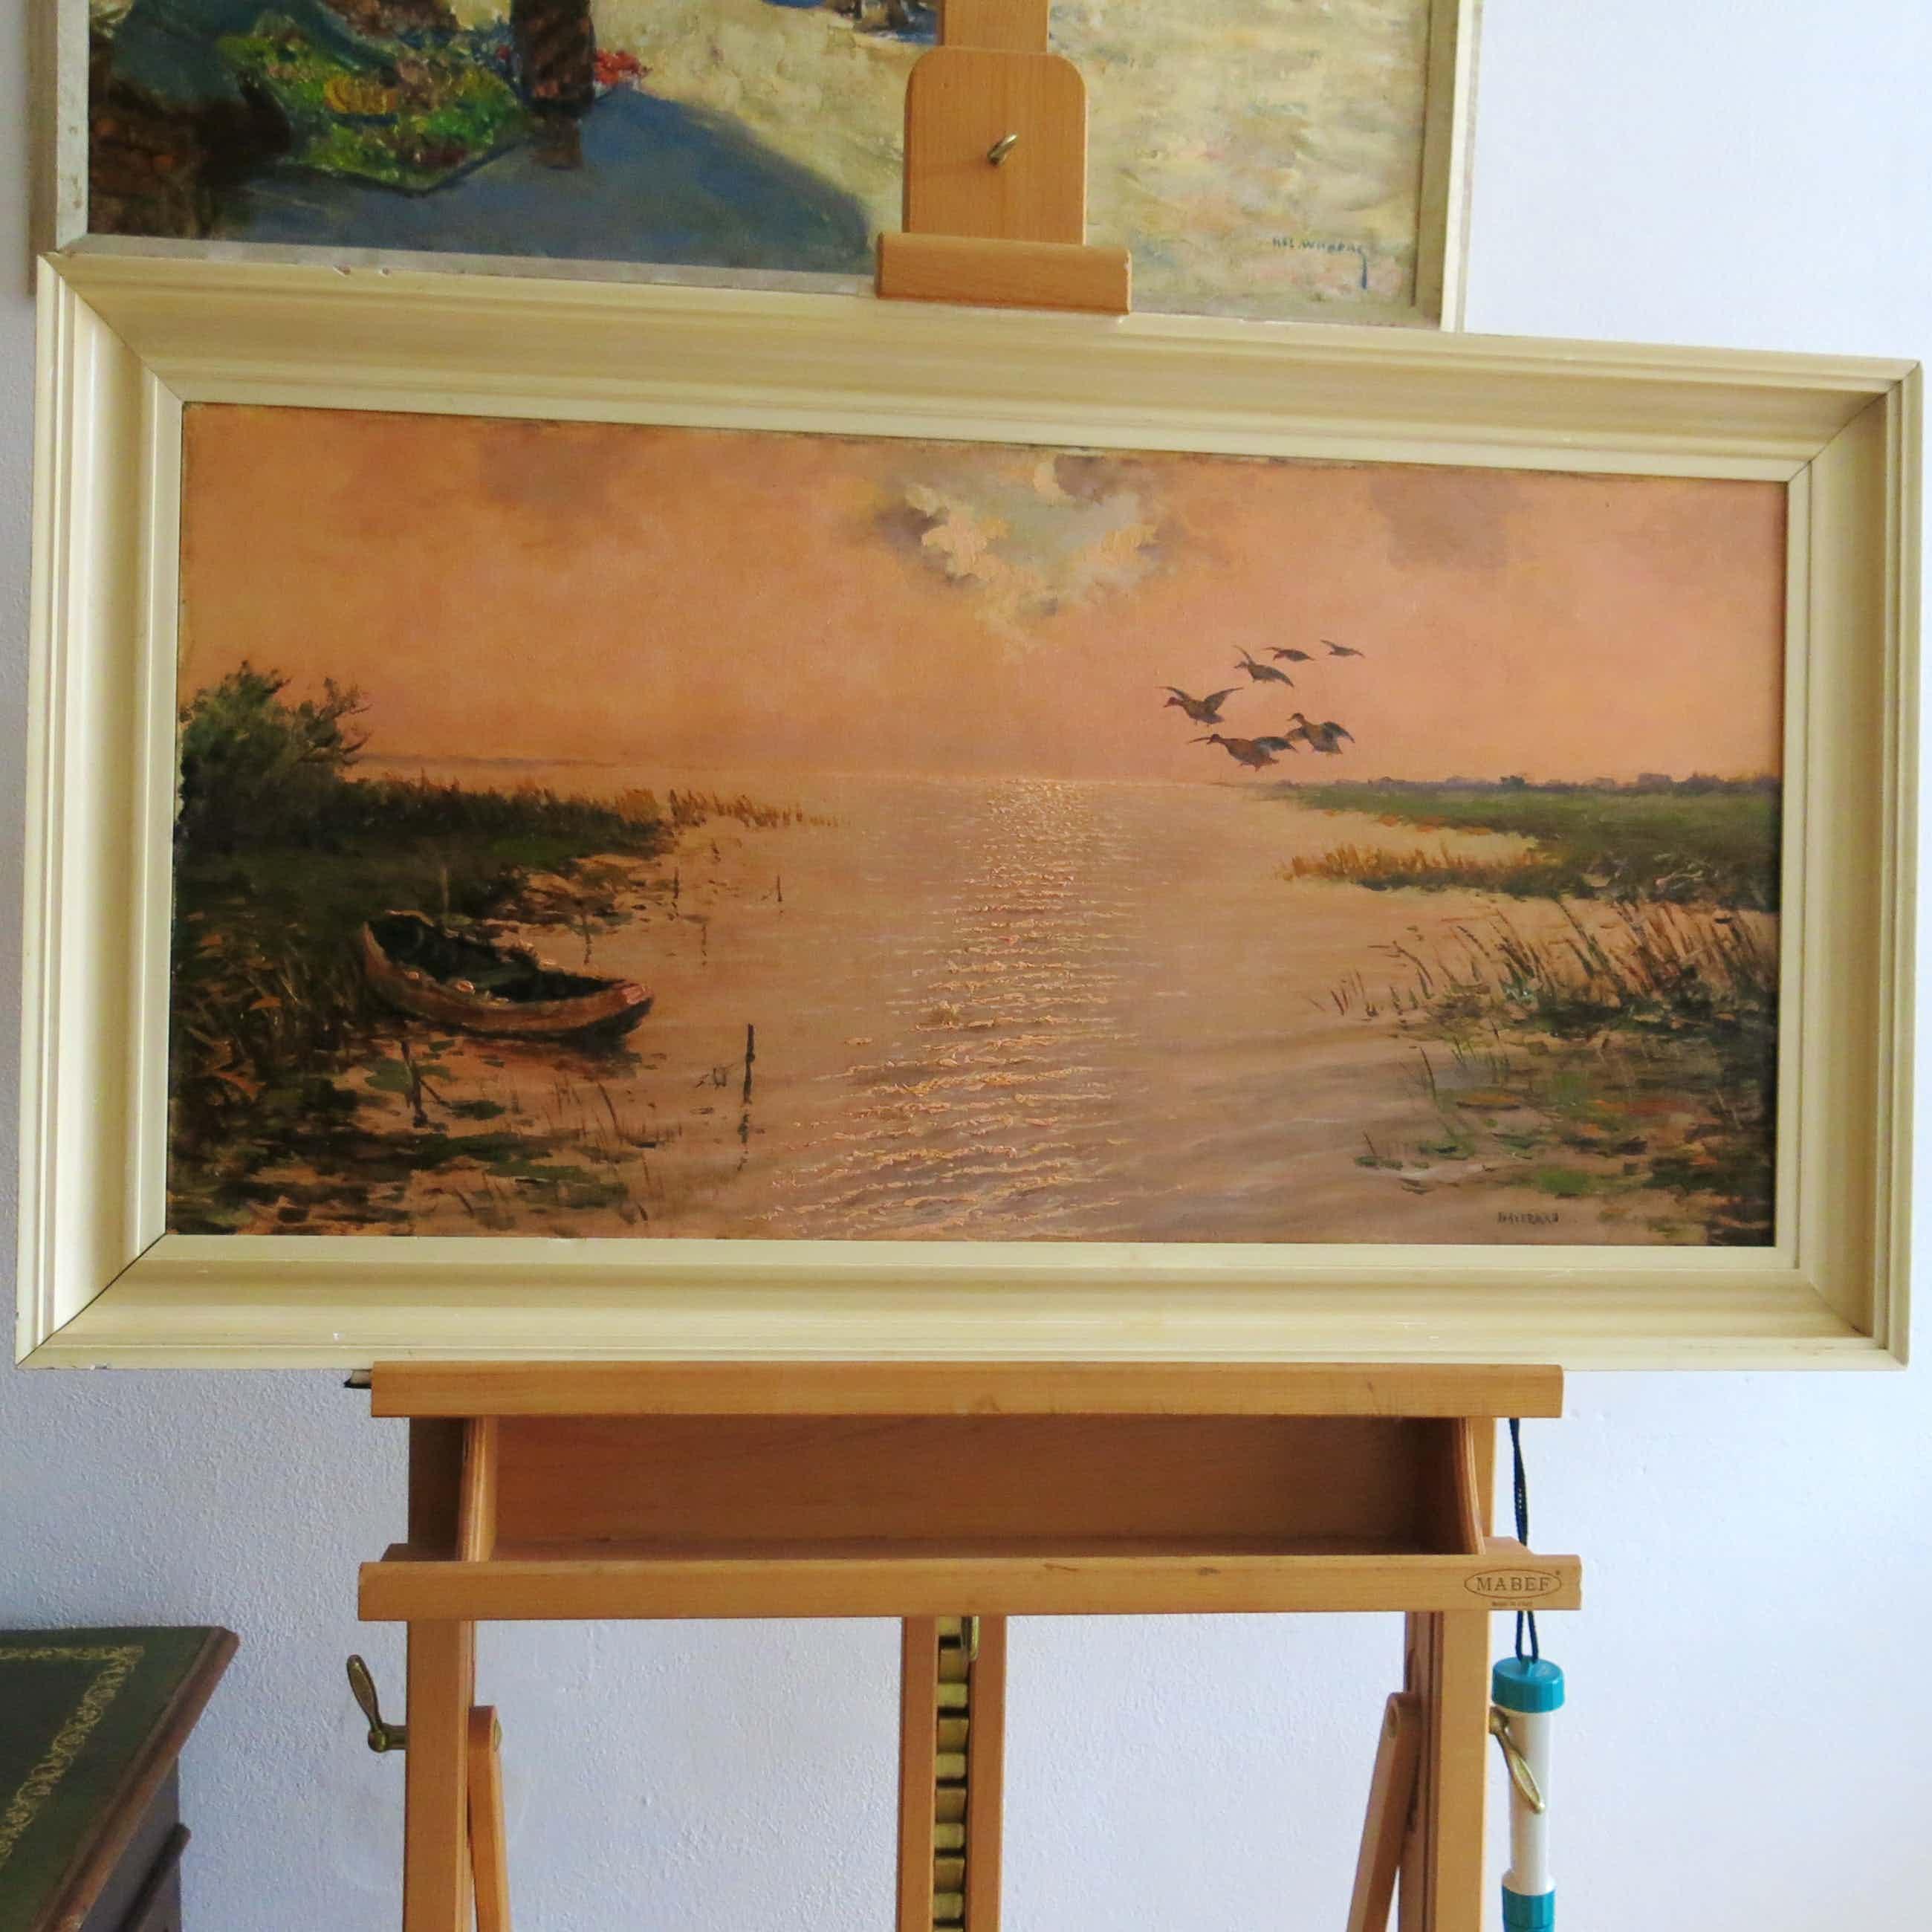 Cornelis Waterman - Water landschap met bootje en opvliegende eenden kopen? Bied vanaf 120!